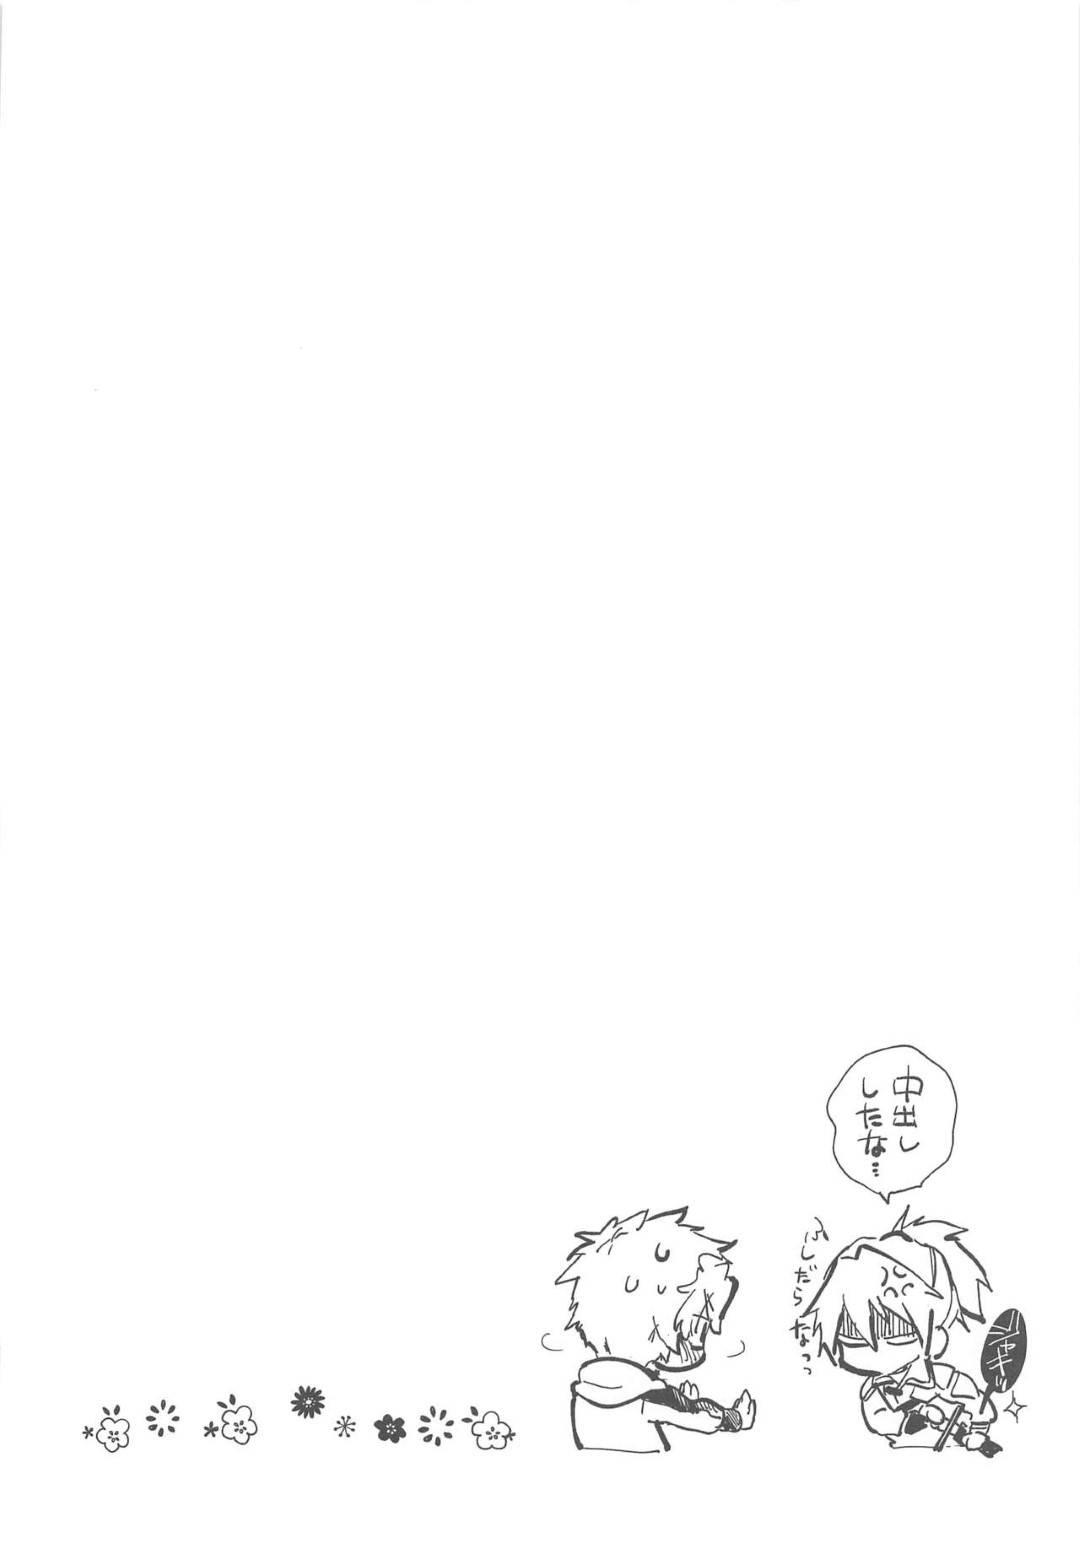 【甲鉄城のカバネリエロ漫画】温泉旅館に旅行に来た生駒と無名。露天風呂で生駒はフェラされると発射し部屋でイチャラブ中出しセックス【芹澤ナエ】